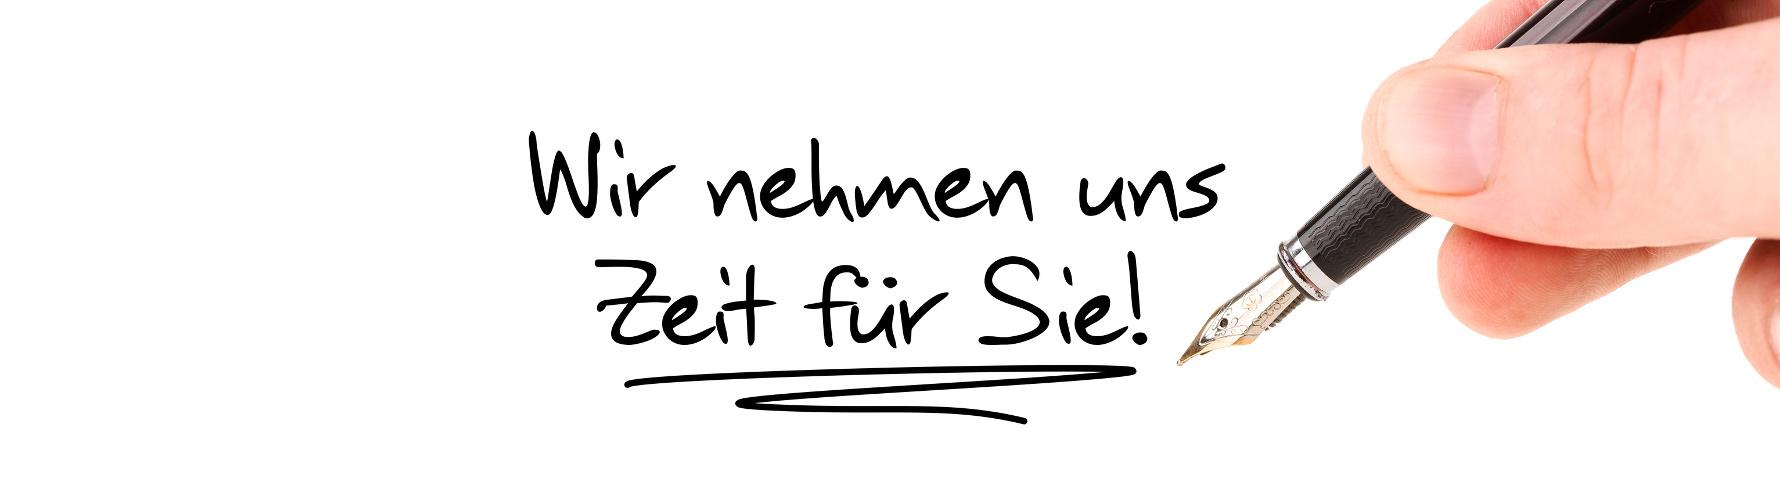 Hessische Dienstleistungsgesellschaft <br>für Pflegeeinrichtungen mbH Butzbach